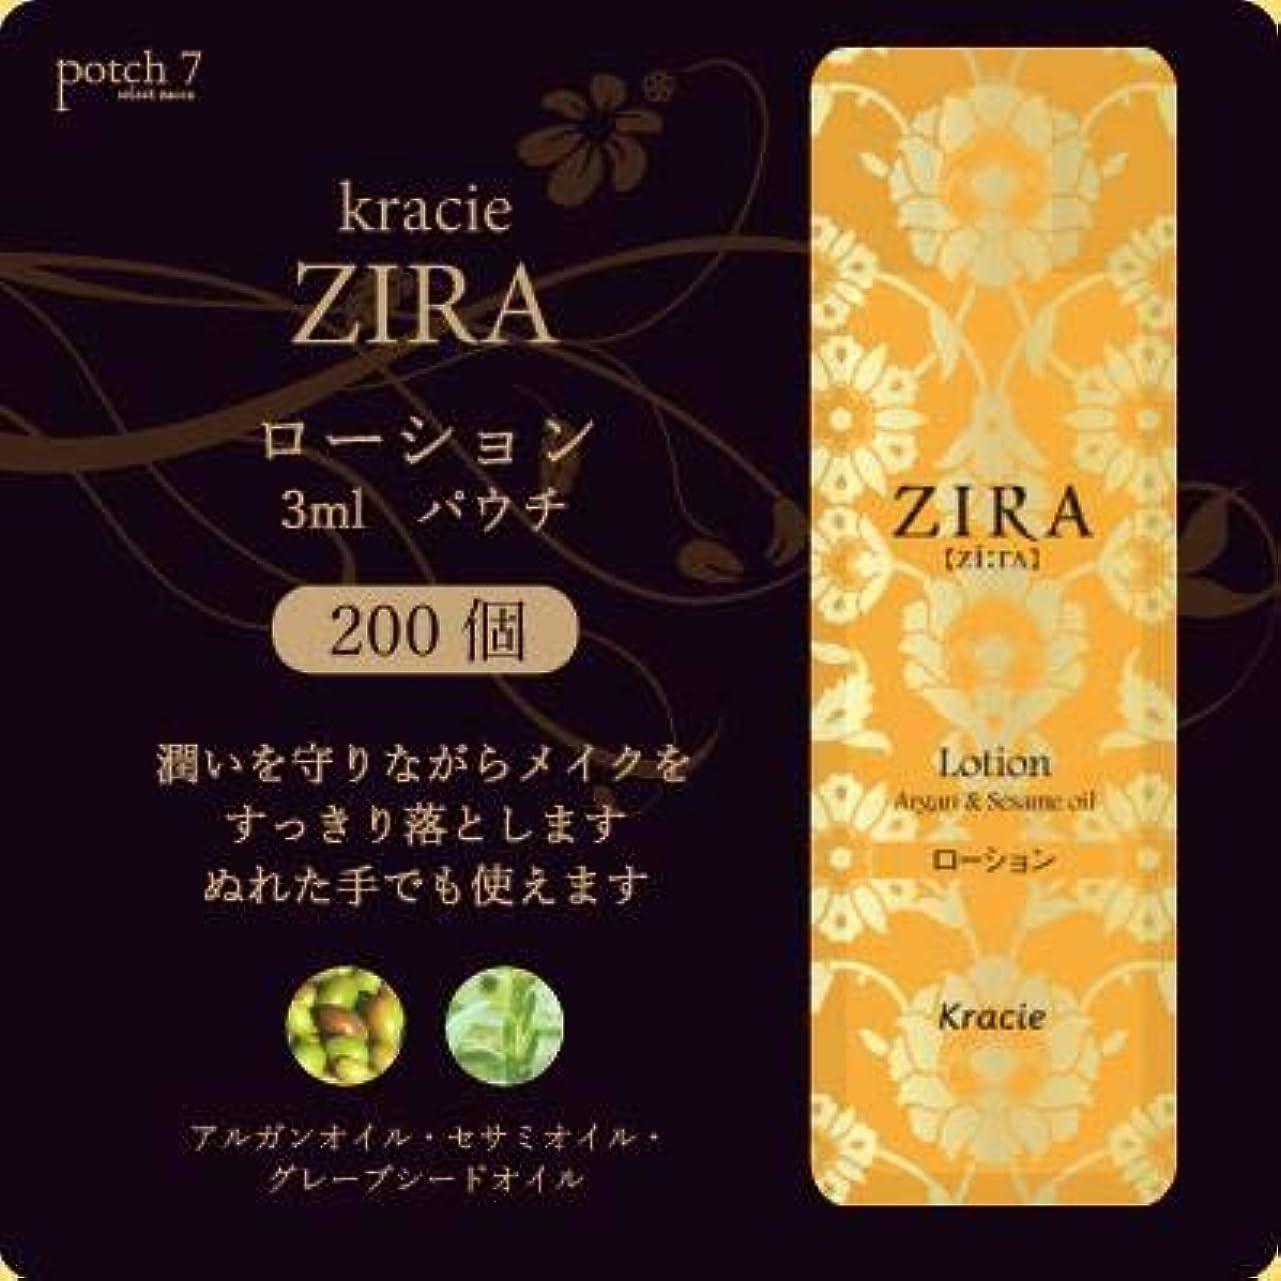 誓い寄り添う劣るKracie クラシエ ZIRA ジーラ ローション 化粧水 パウチ 3ml 200個入